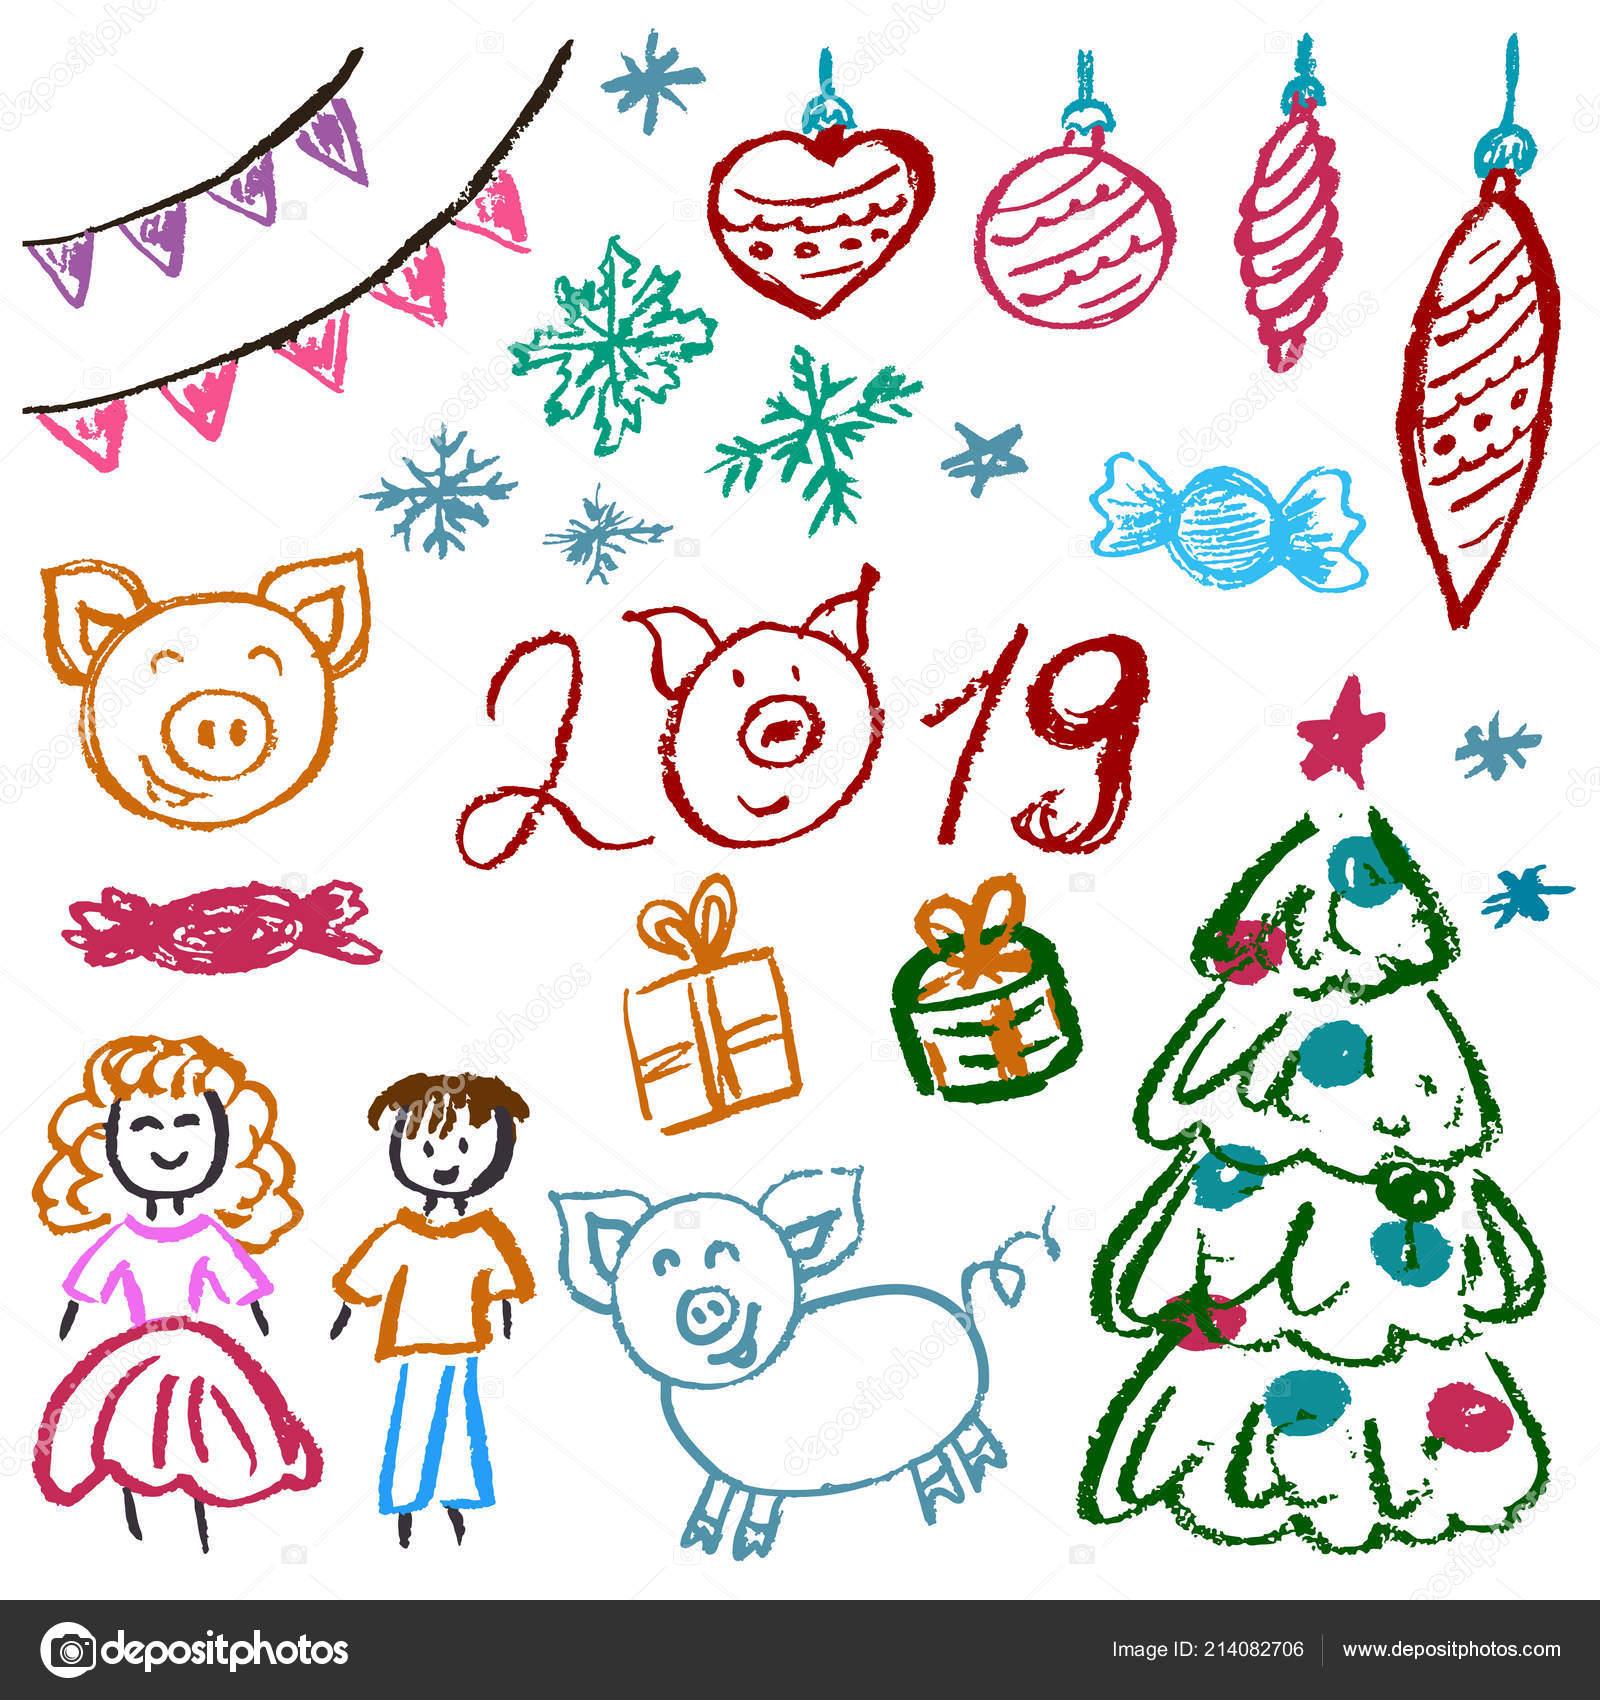 Картинки по запросу малюнок новий рік 2019